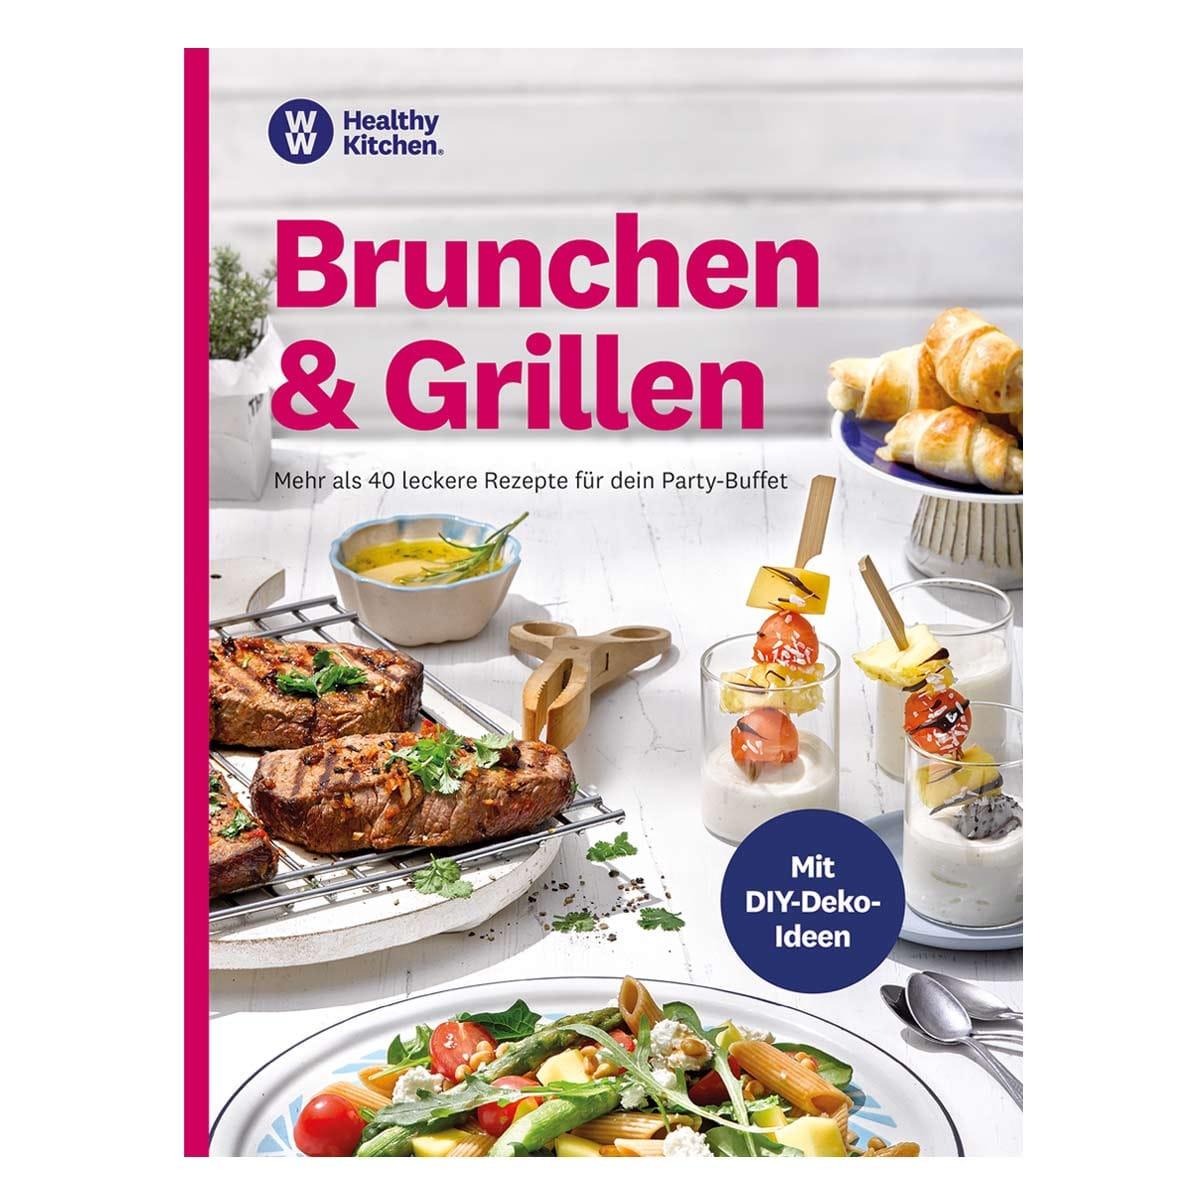 WW Kochbuch Brunchen & Grillen (40 Rezepte)